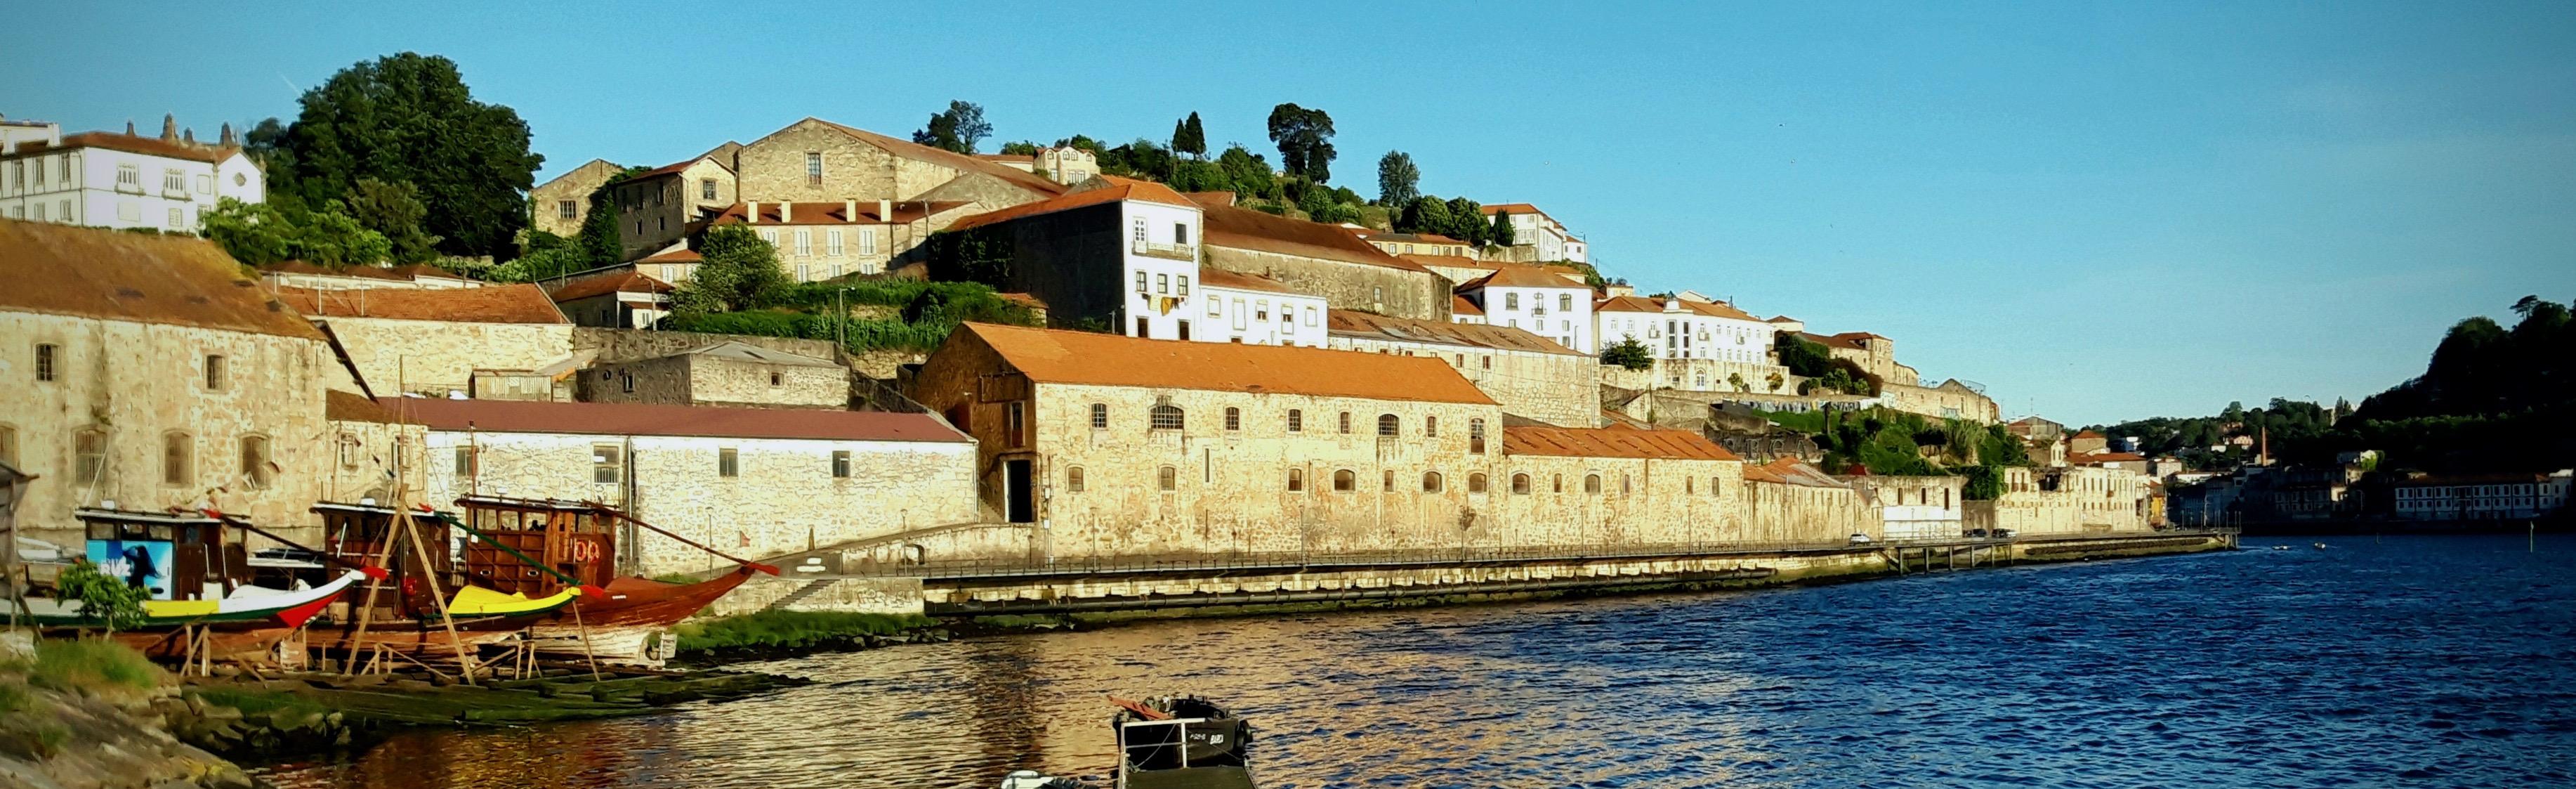 The old wine stogare building in Vila Nova de Gaia, Portugal